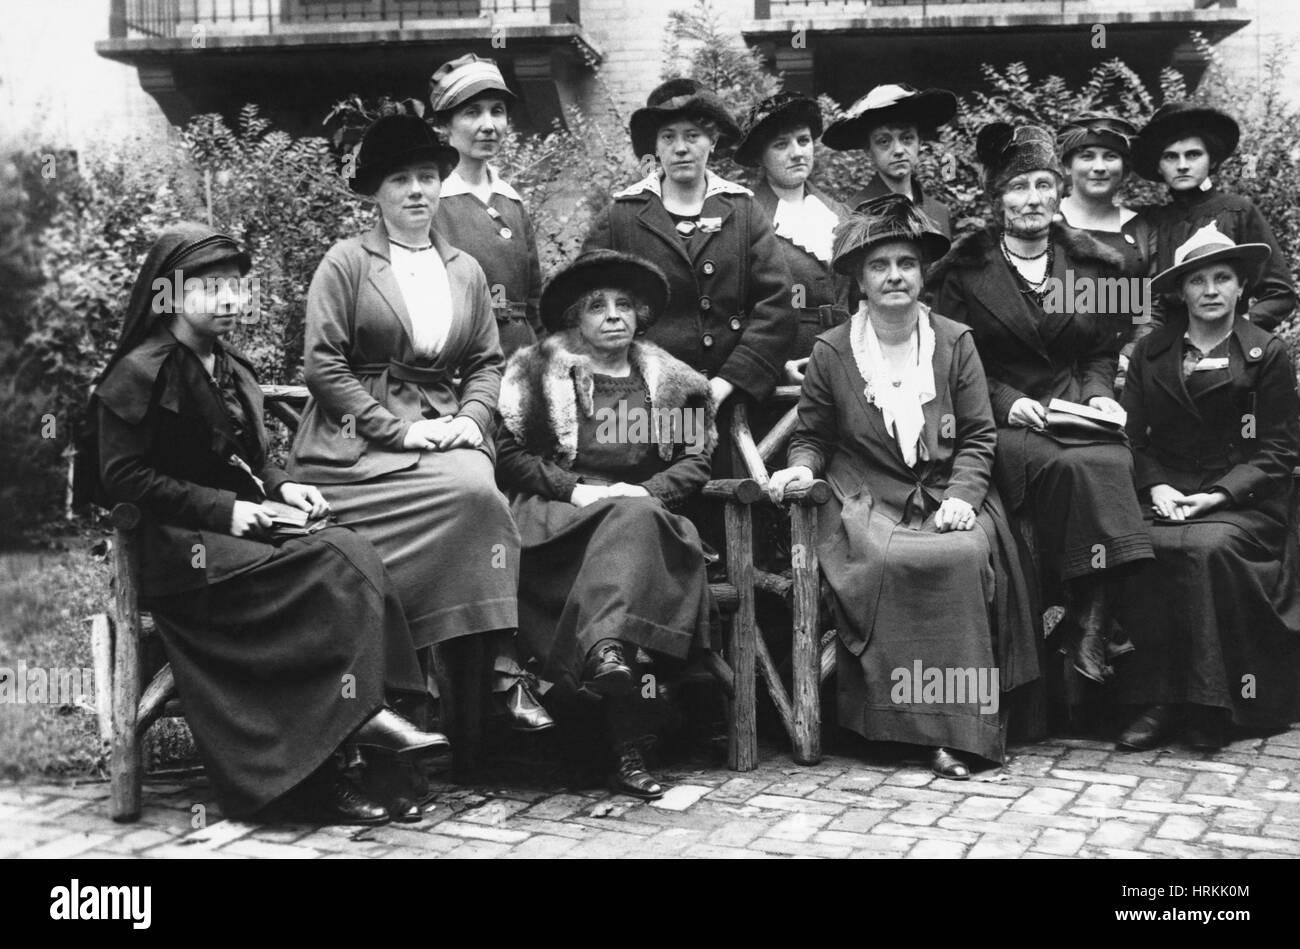 Les suffragettes du 19e siècle Photo Stock